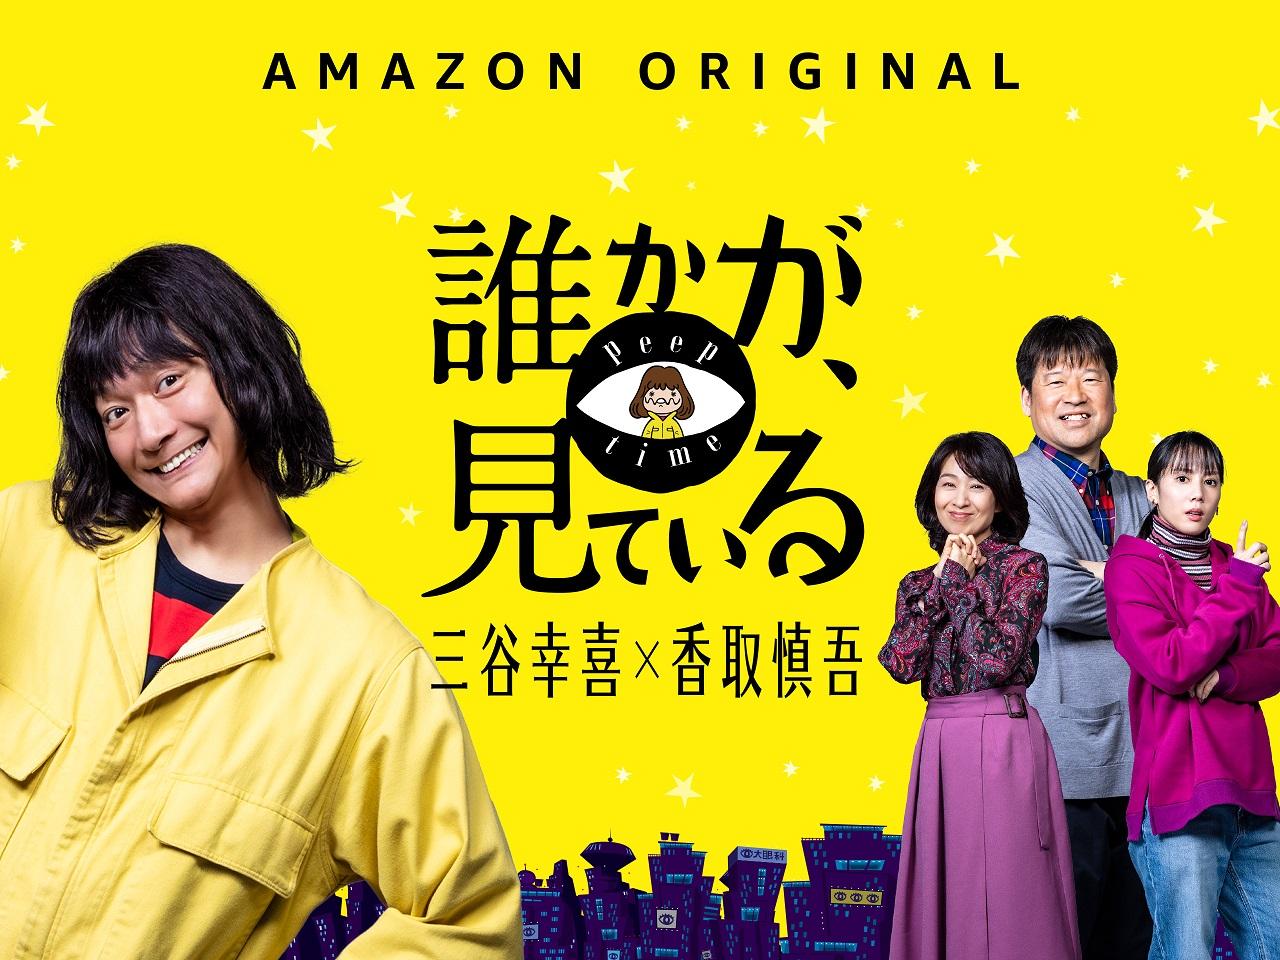 香取慎吾主演ドラマ・シリーズ「誰かが、見ている」、世界240以上の国や地域で同時配信決定。本予告&メイン・ヴィジュアル公開も